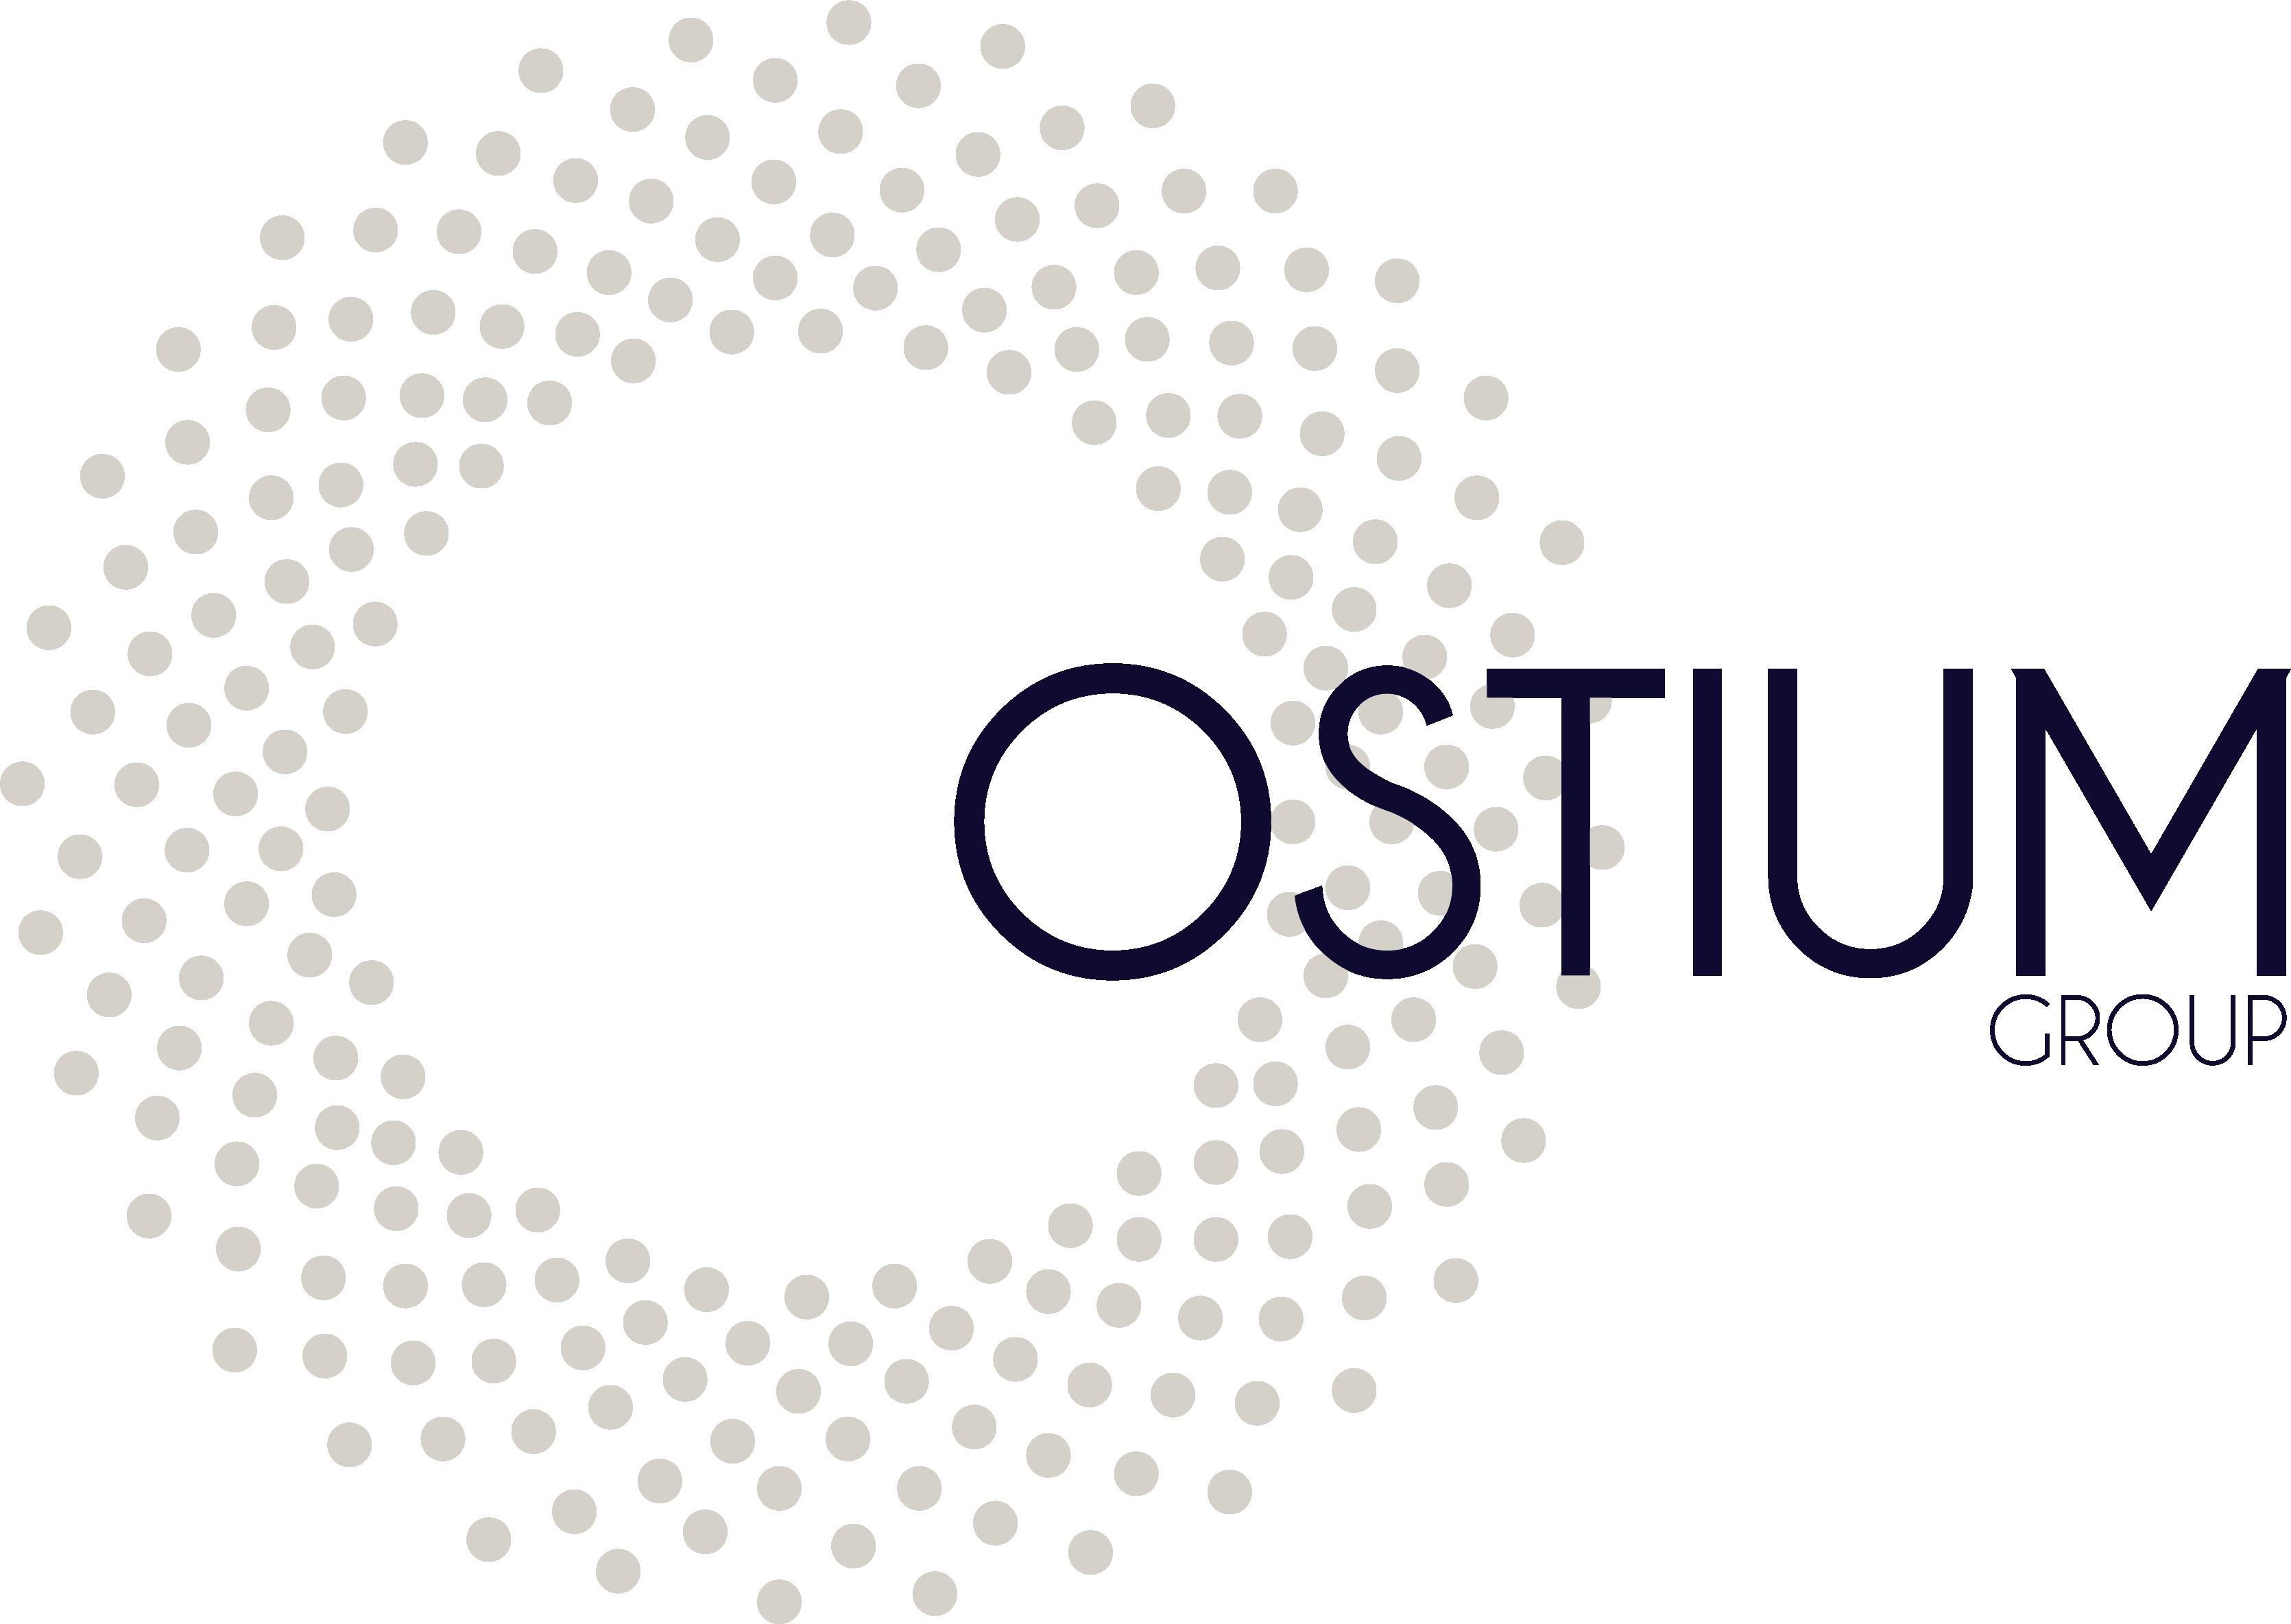 ostium logo